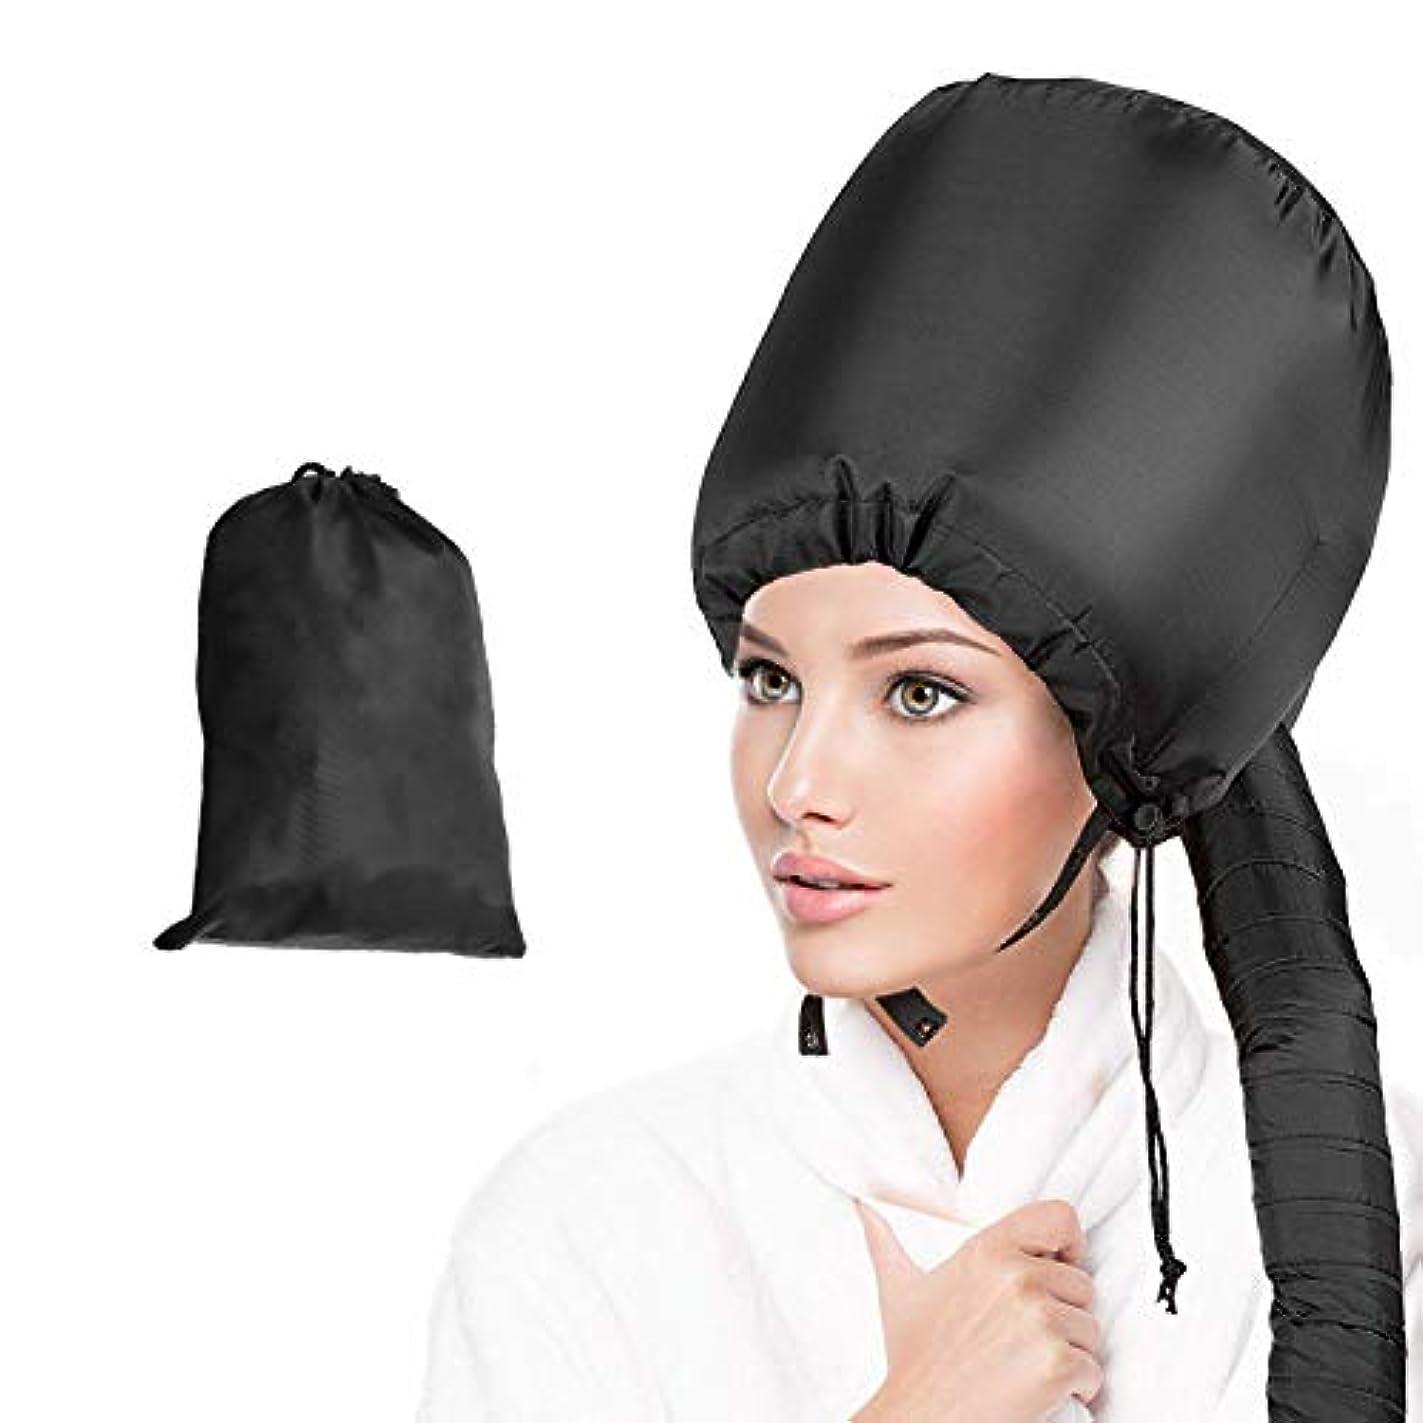 買うあいさつアクセサリーWeanas ヘアドライヤーキャップ 髪干し帽子 髪ケア ホームサロン 携帯収納ケース付き